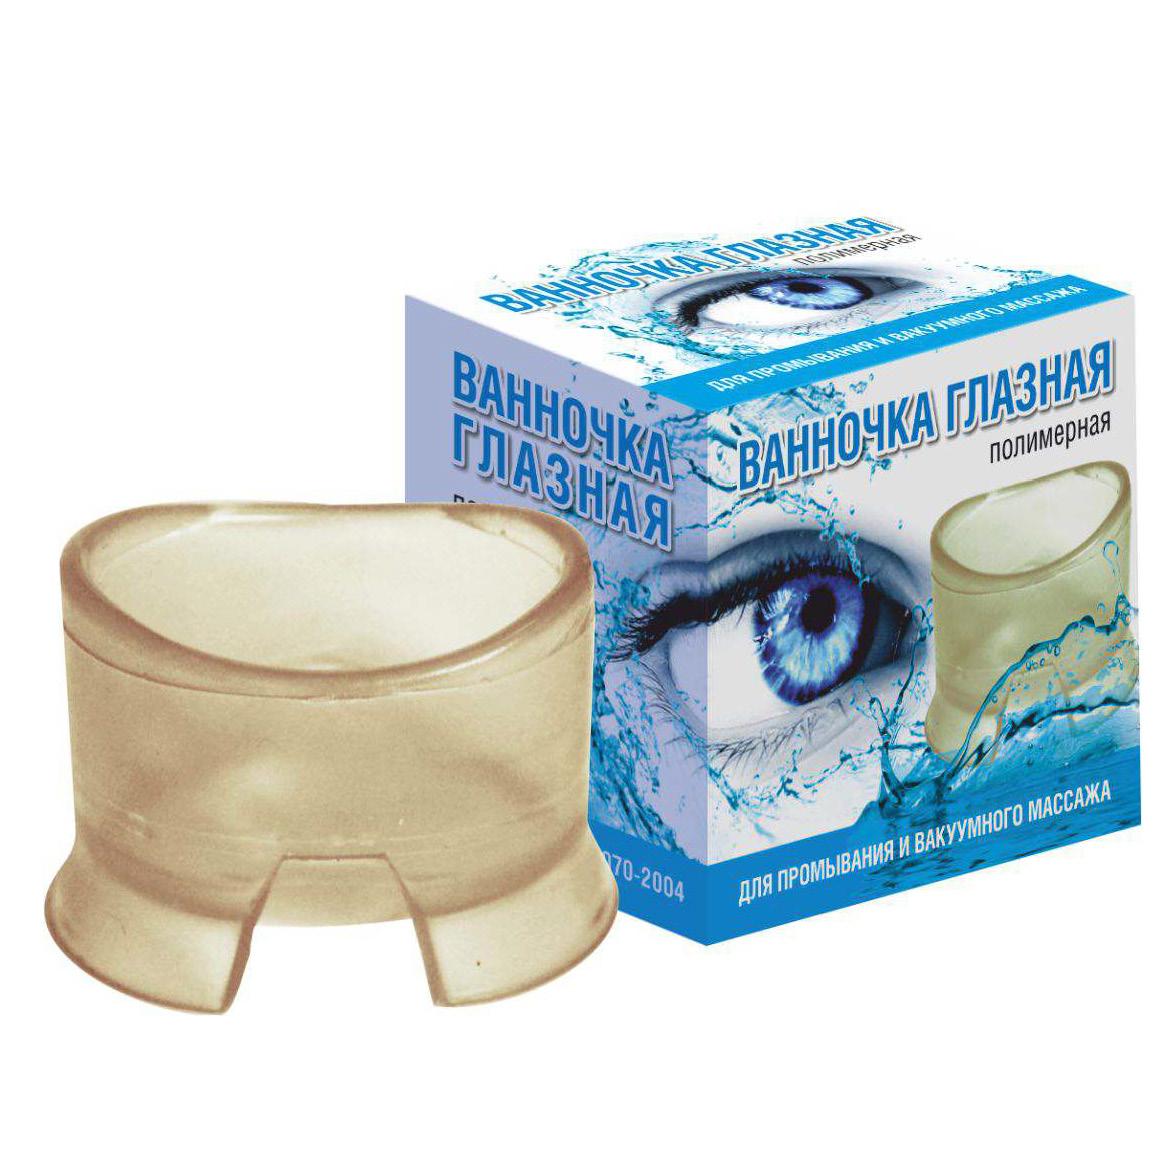 Βεντούζες πλύσης και μασάζ ματιών σιλικόνης Medpribor